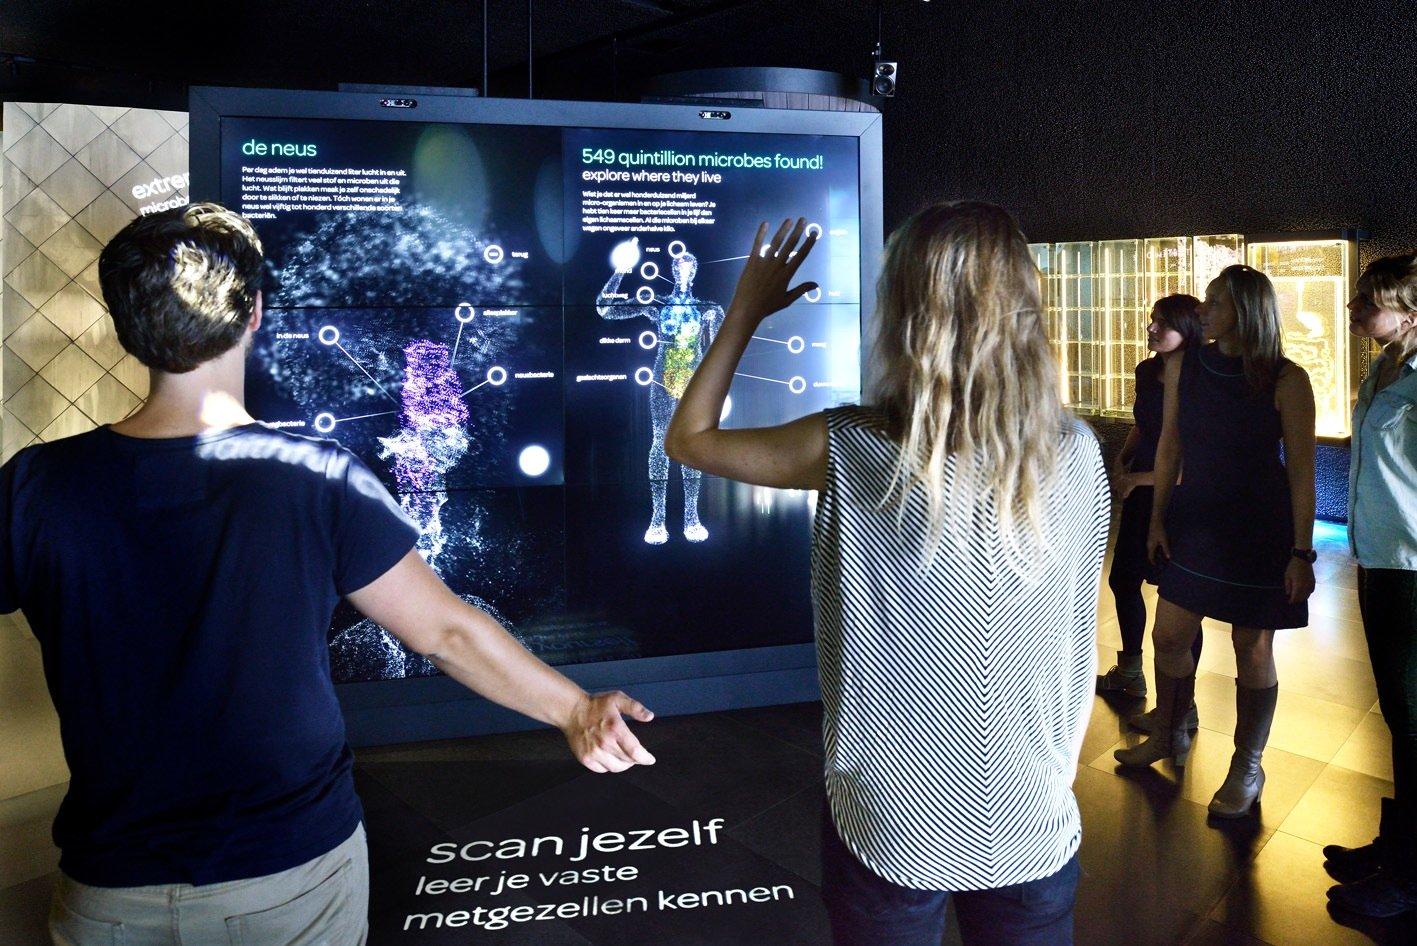 Beim Körperscan können die Besucher die eigenen Mikroben auf der Haut entdecken. Dazu hat dasdeutsche Design-Studio Art+Com ein 3-D-Fernglas an die Linsen eines Mikroskops gekoppelt.